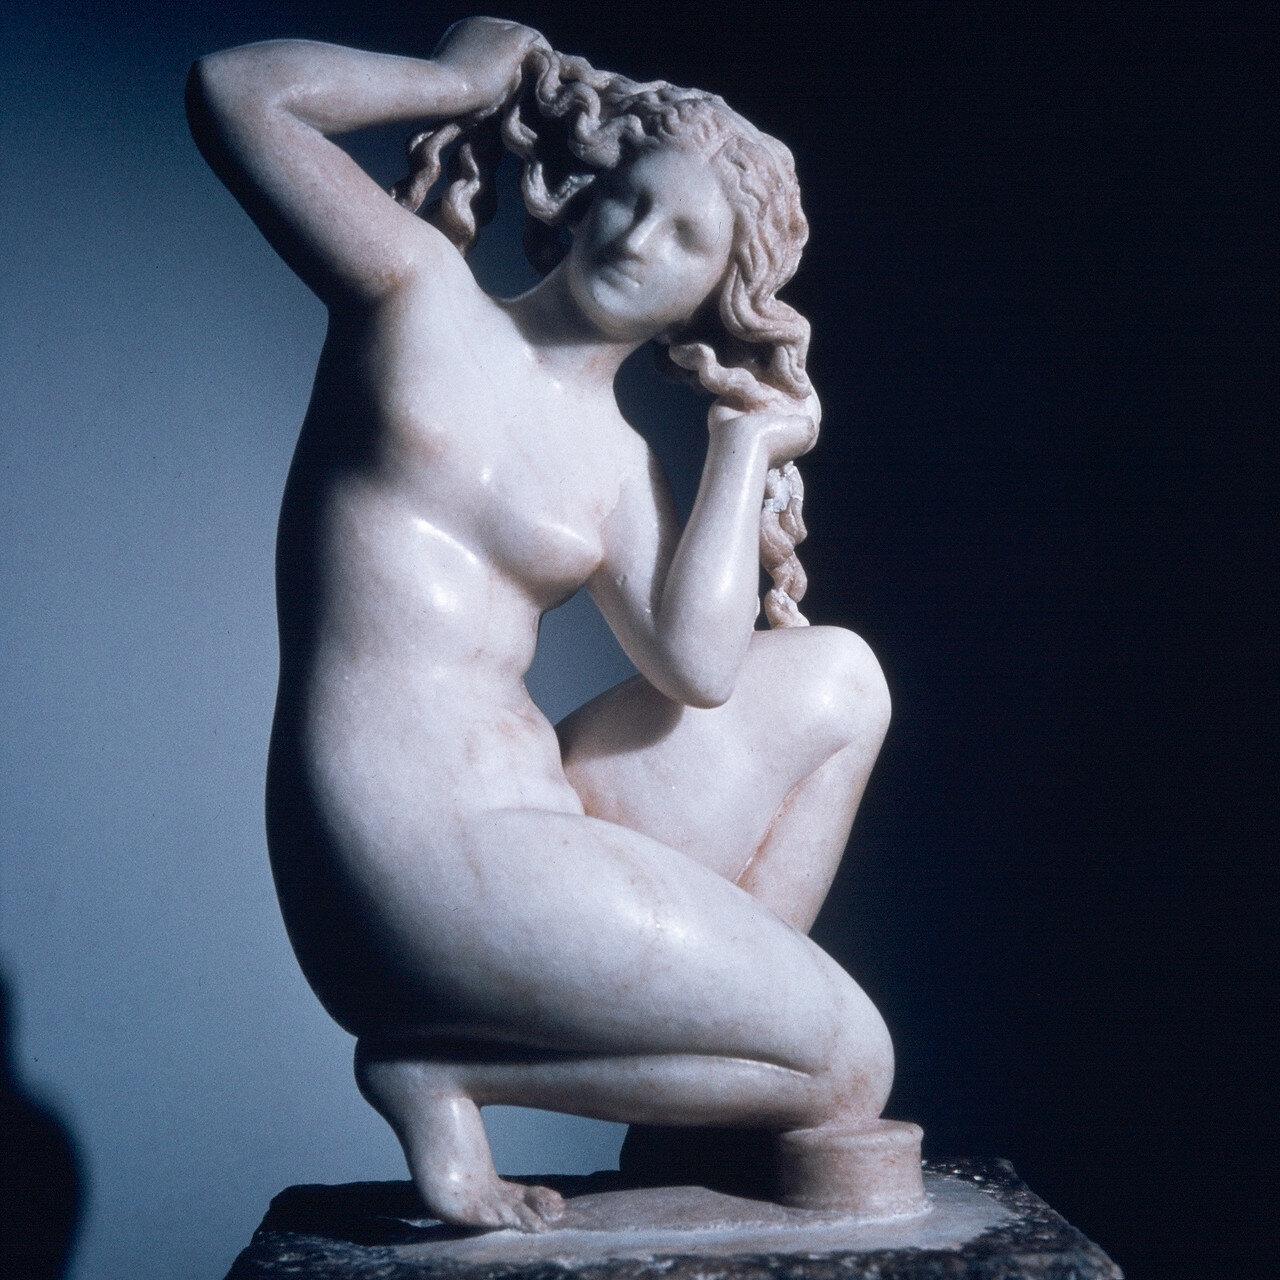 Родос, Археологический музей. Небольшая Афродита Родосская. 100 г. н.э.